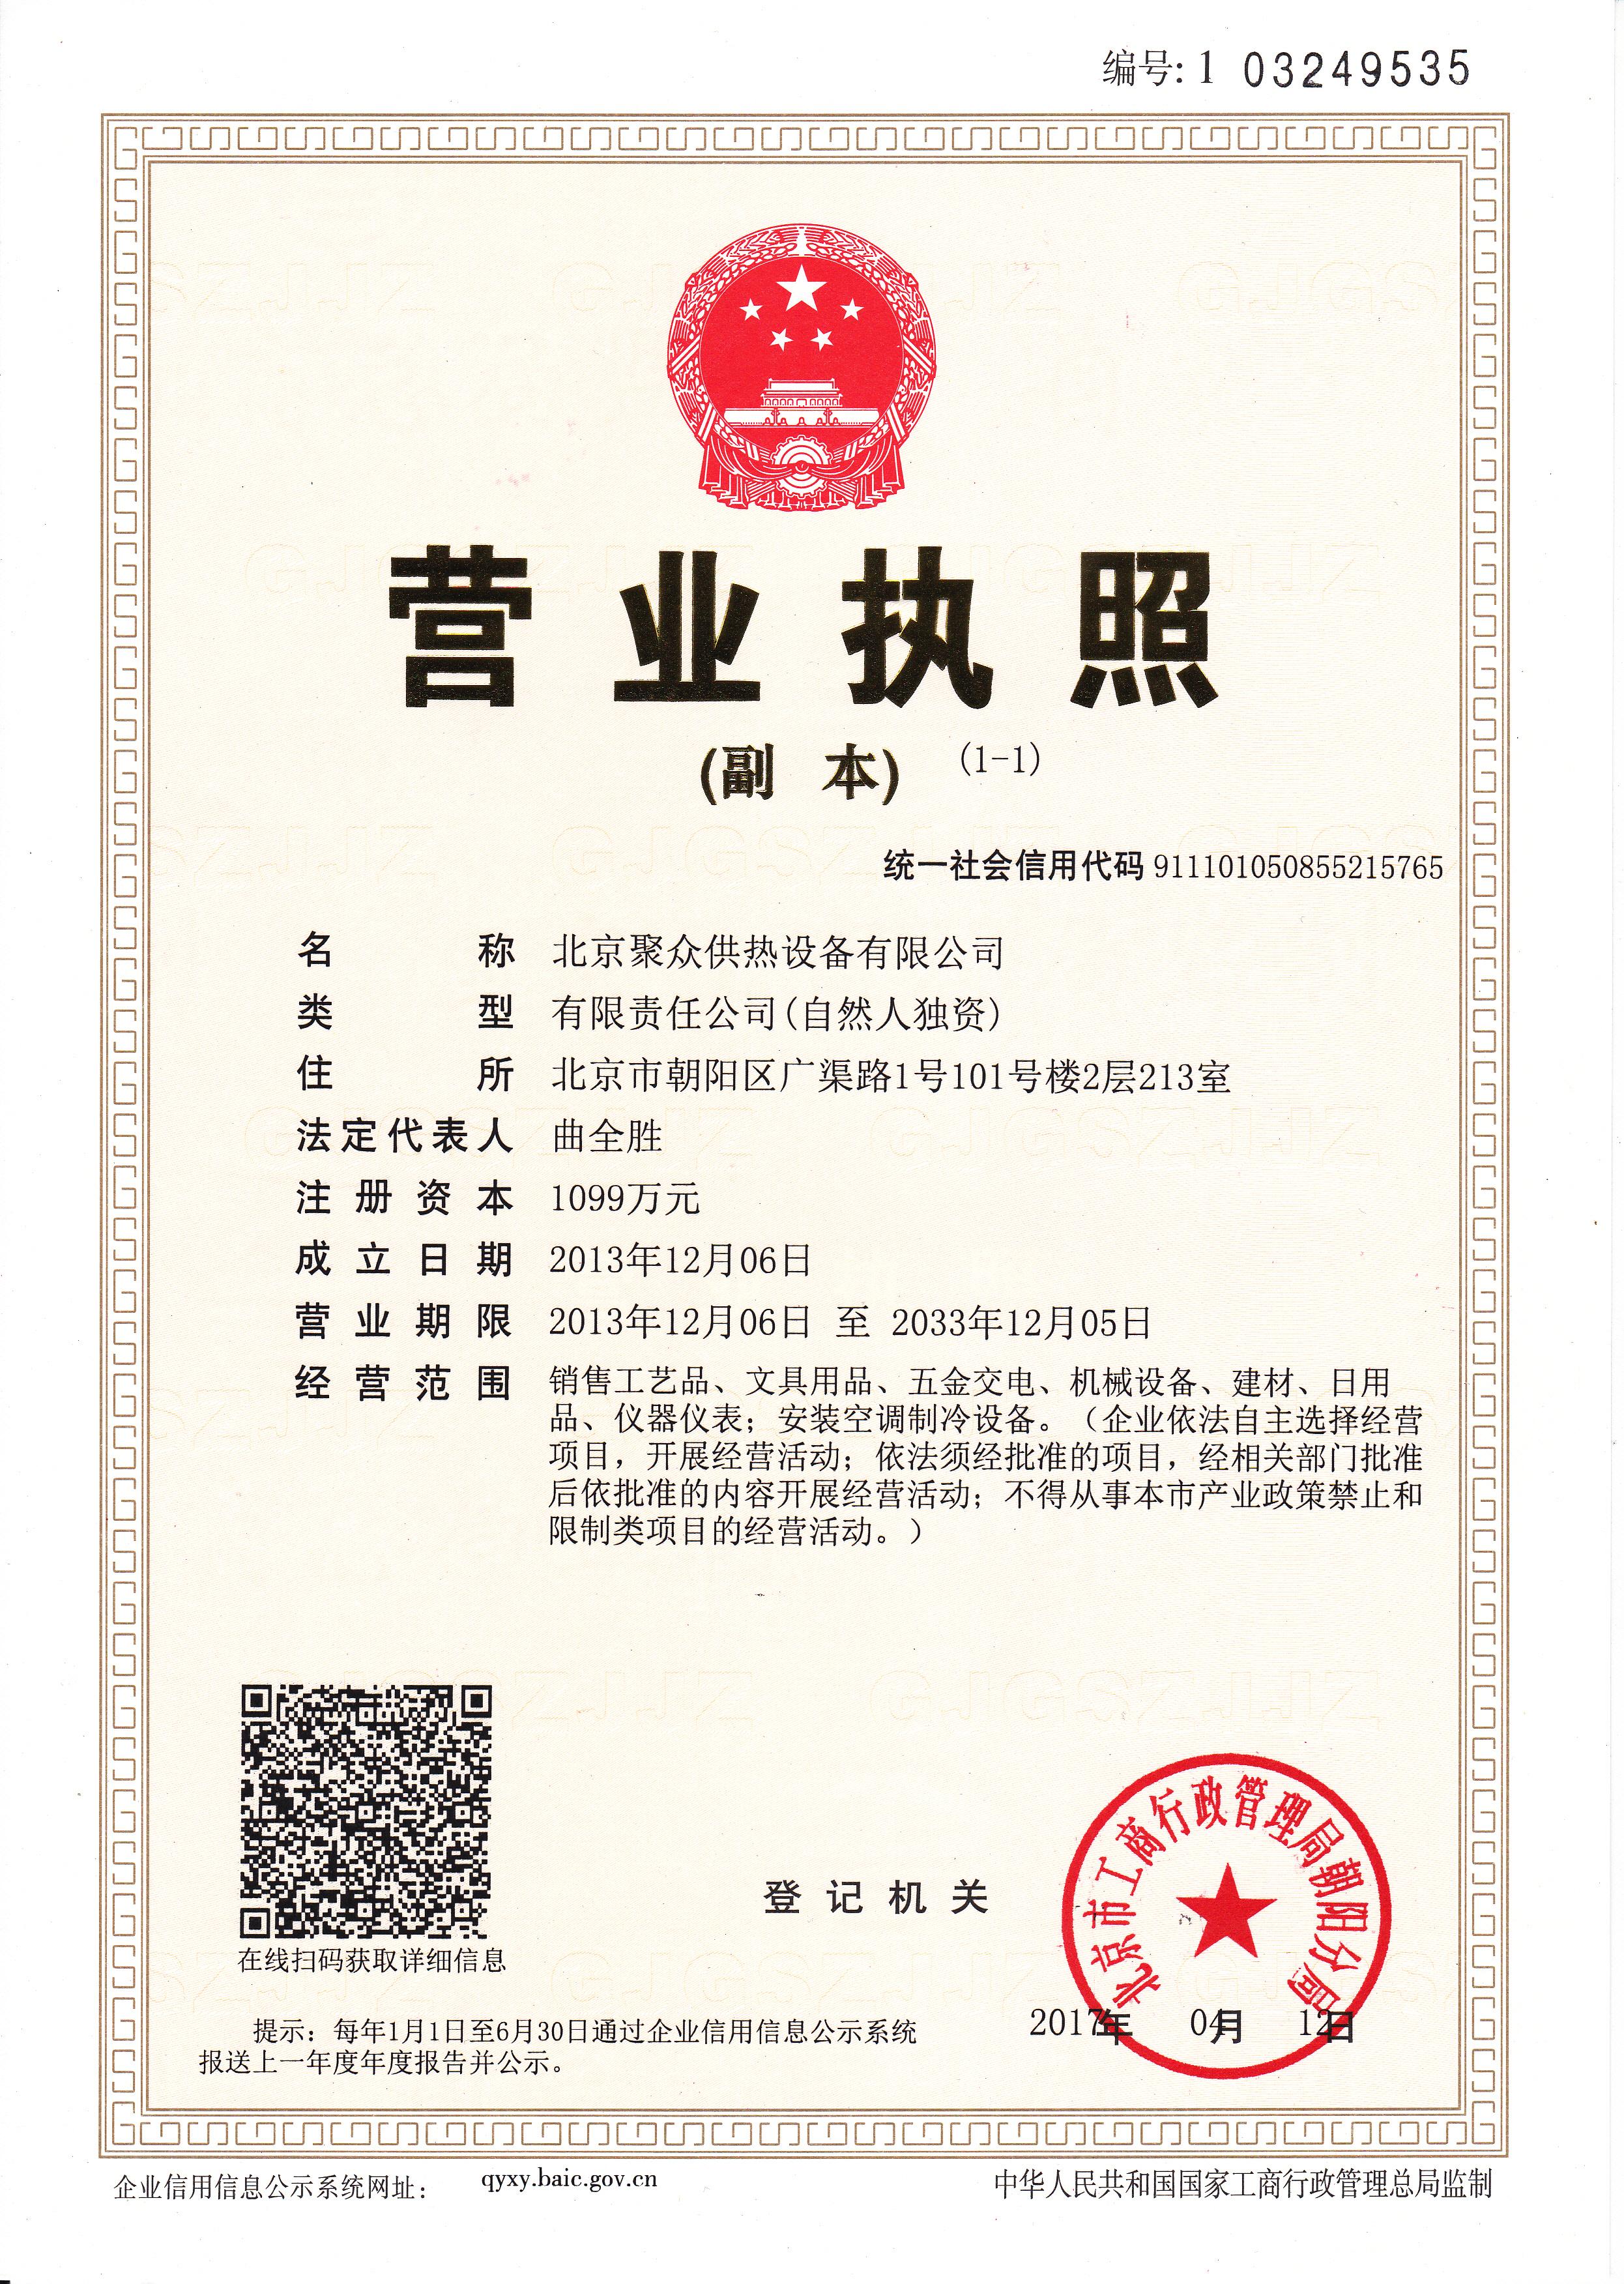 聚众企业营业执照